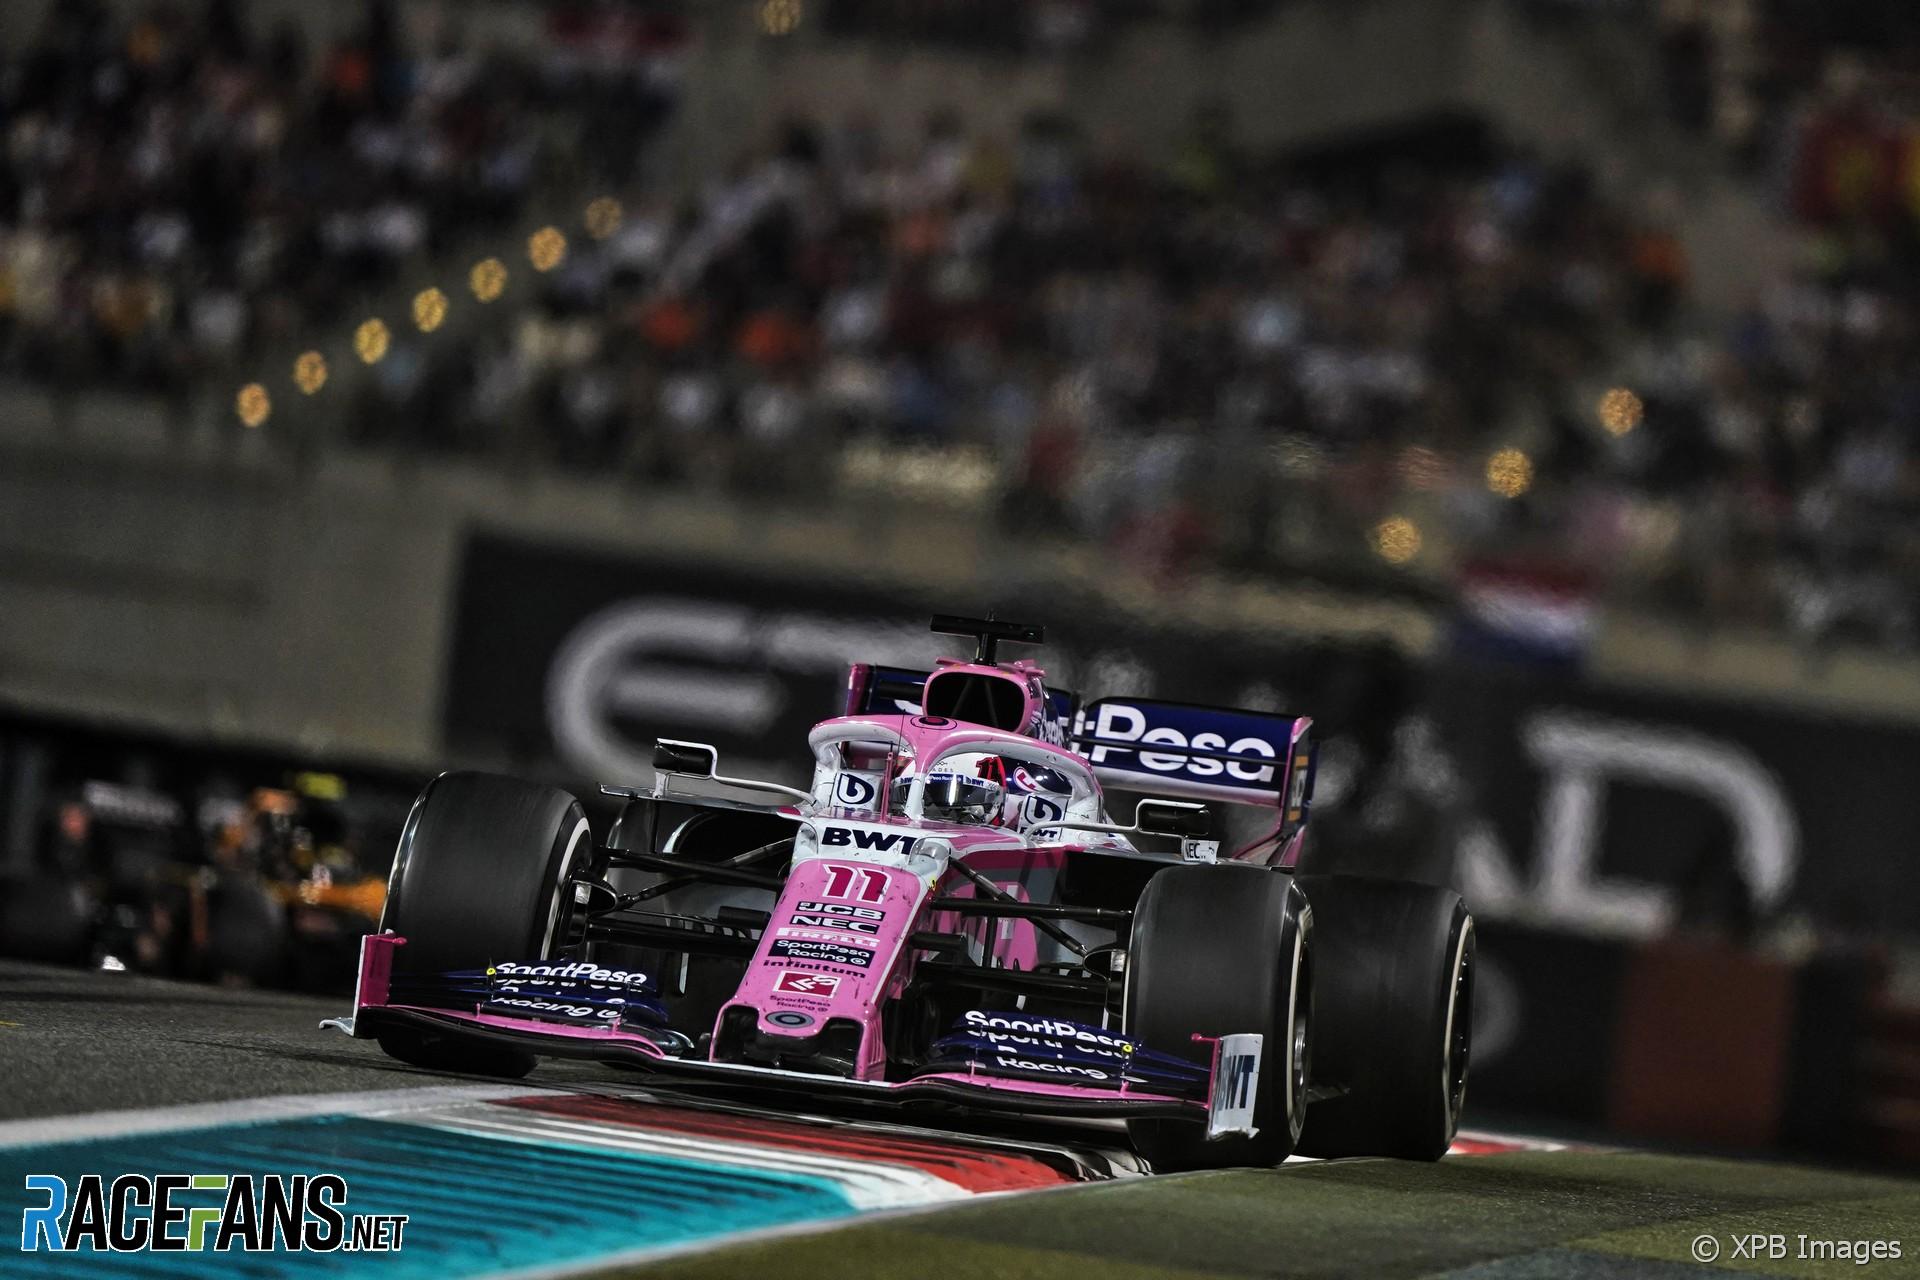 Sergio Perez, Racing Point, Yas Marina, 2019